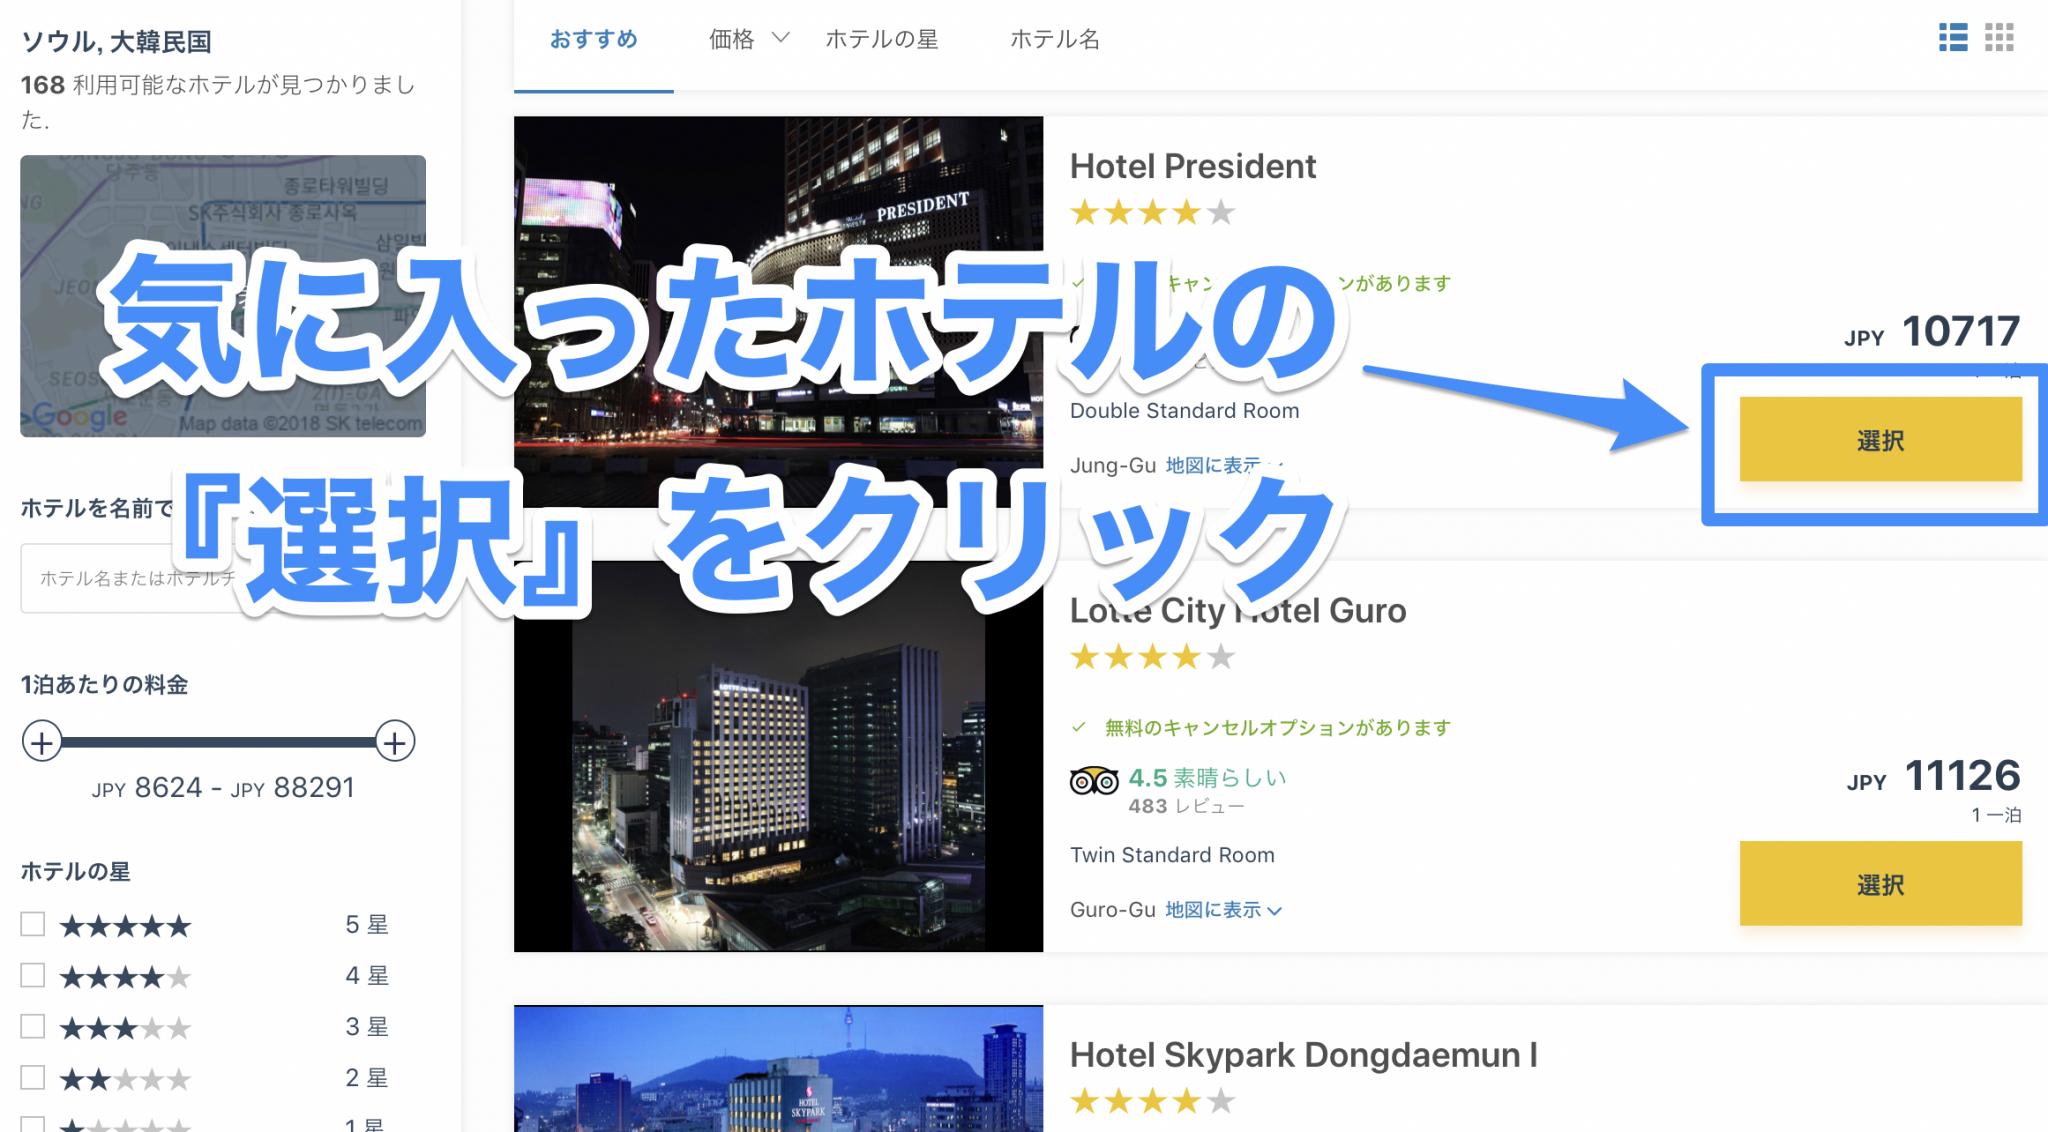 otel.comでホテルを予約する